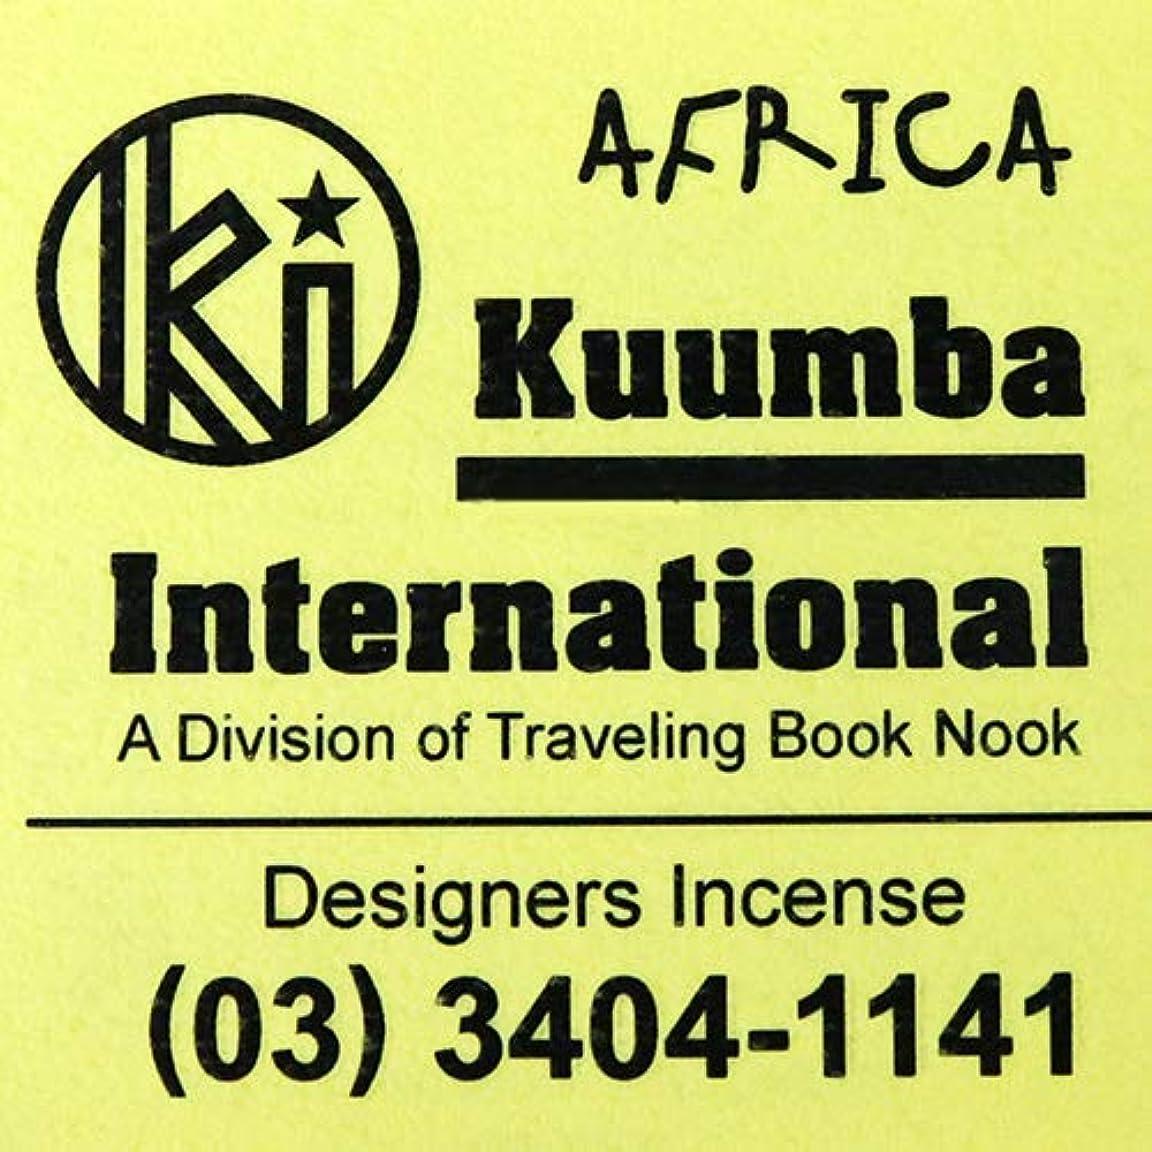 池電化するスクランブル(クンバ) KUUMBA『incense』(AFRICA) (AFRICA, Regular size)